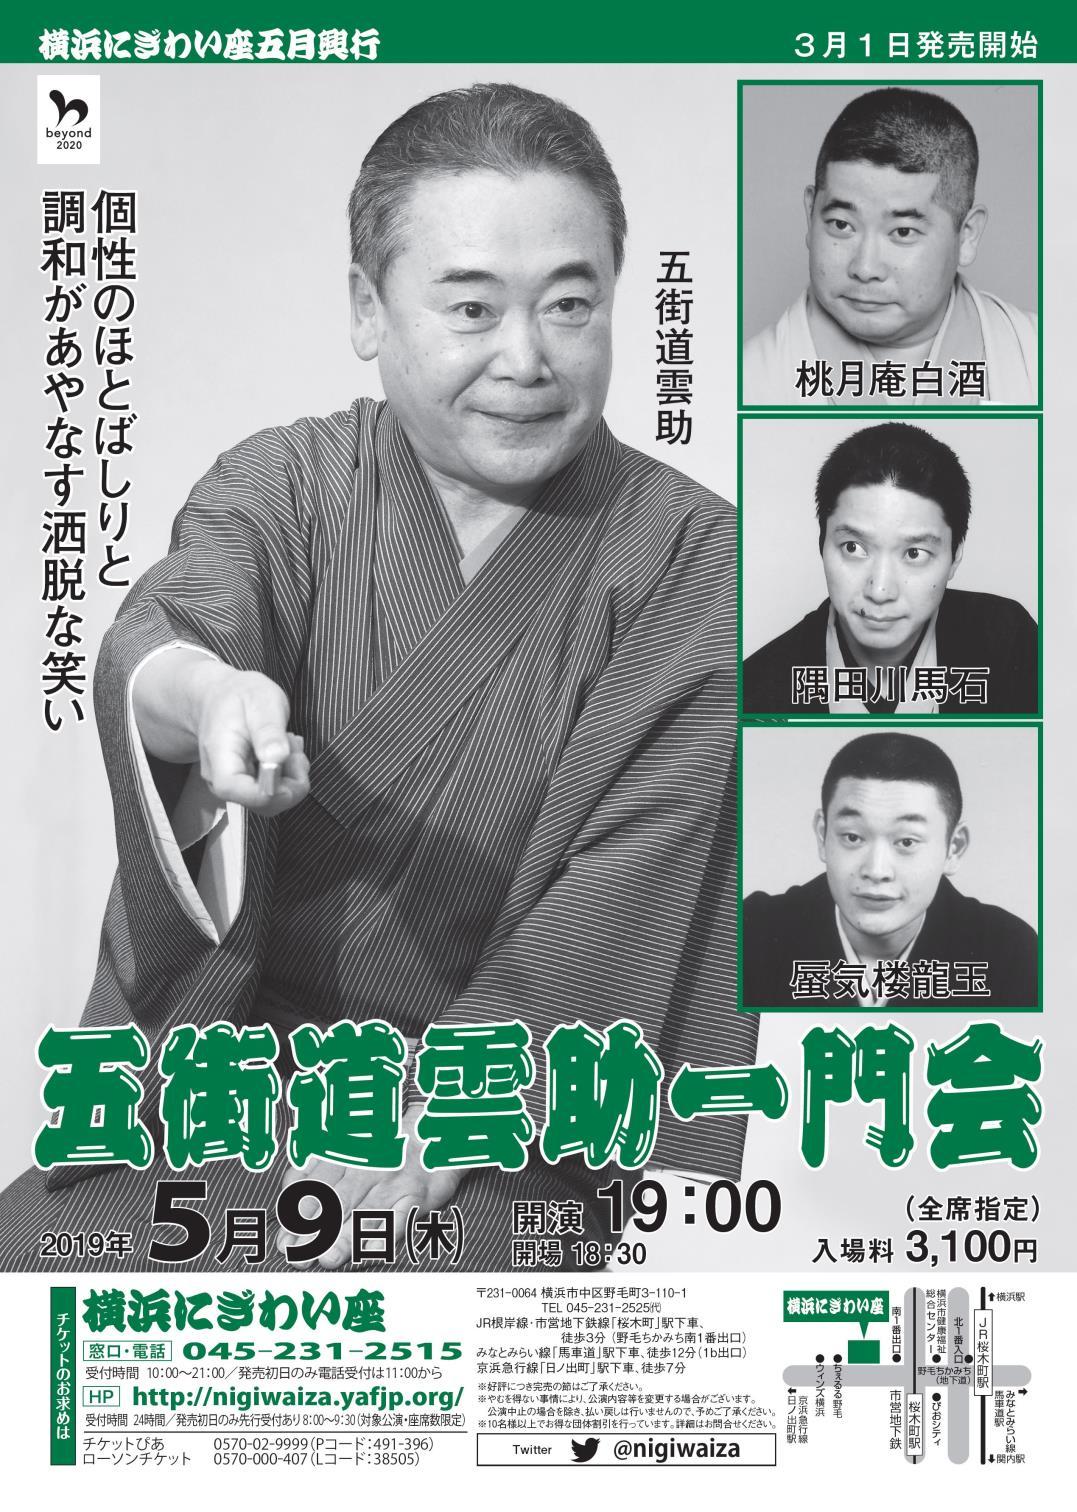 五街道雲助一門会 2019/05/09(木) | チケット GETTIIS